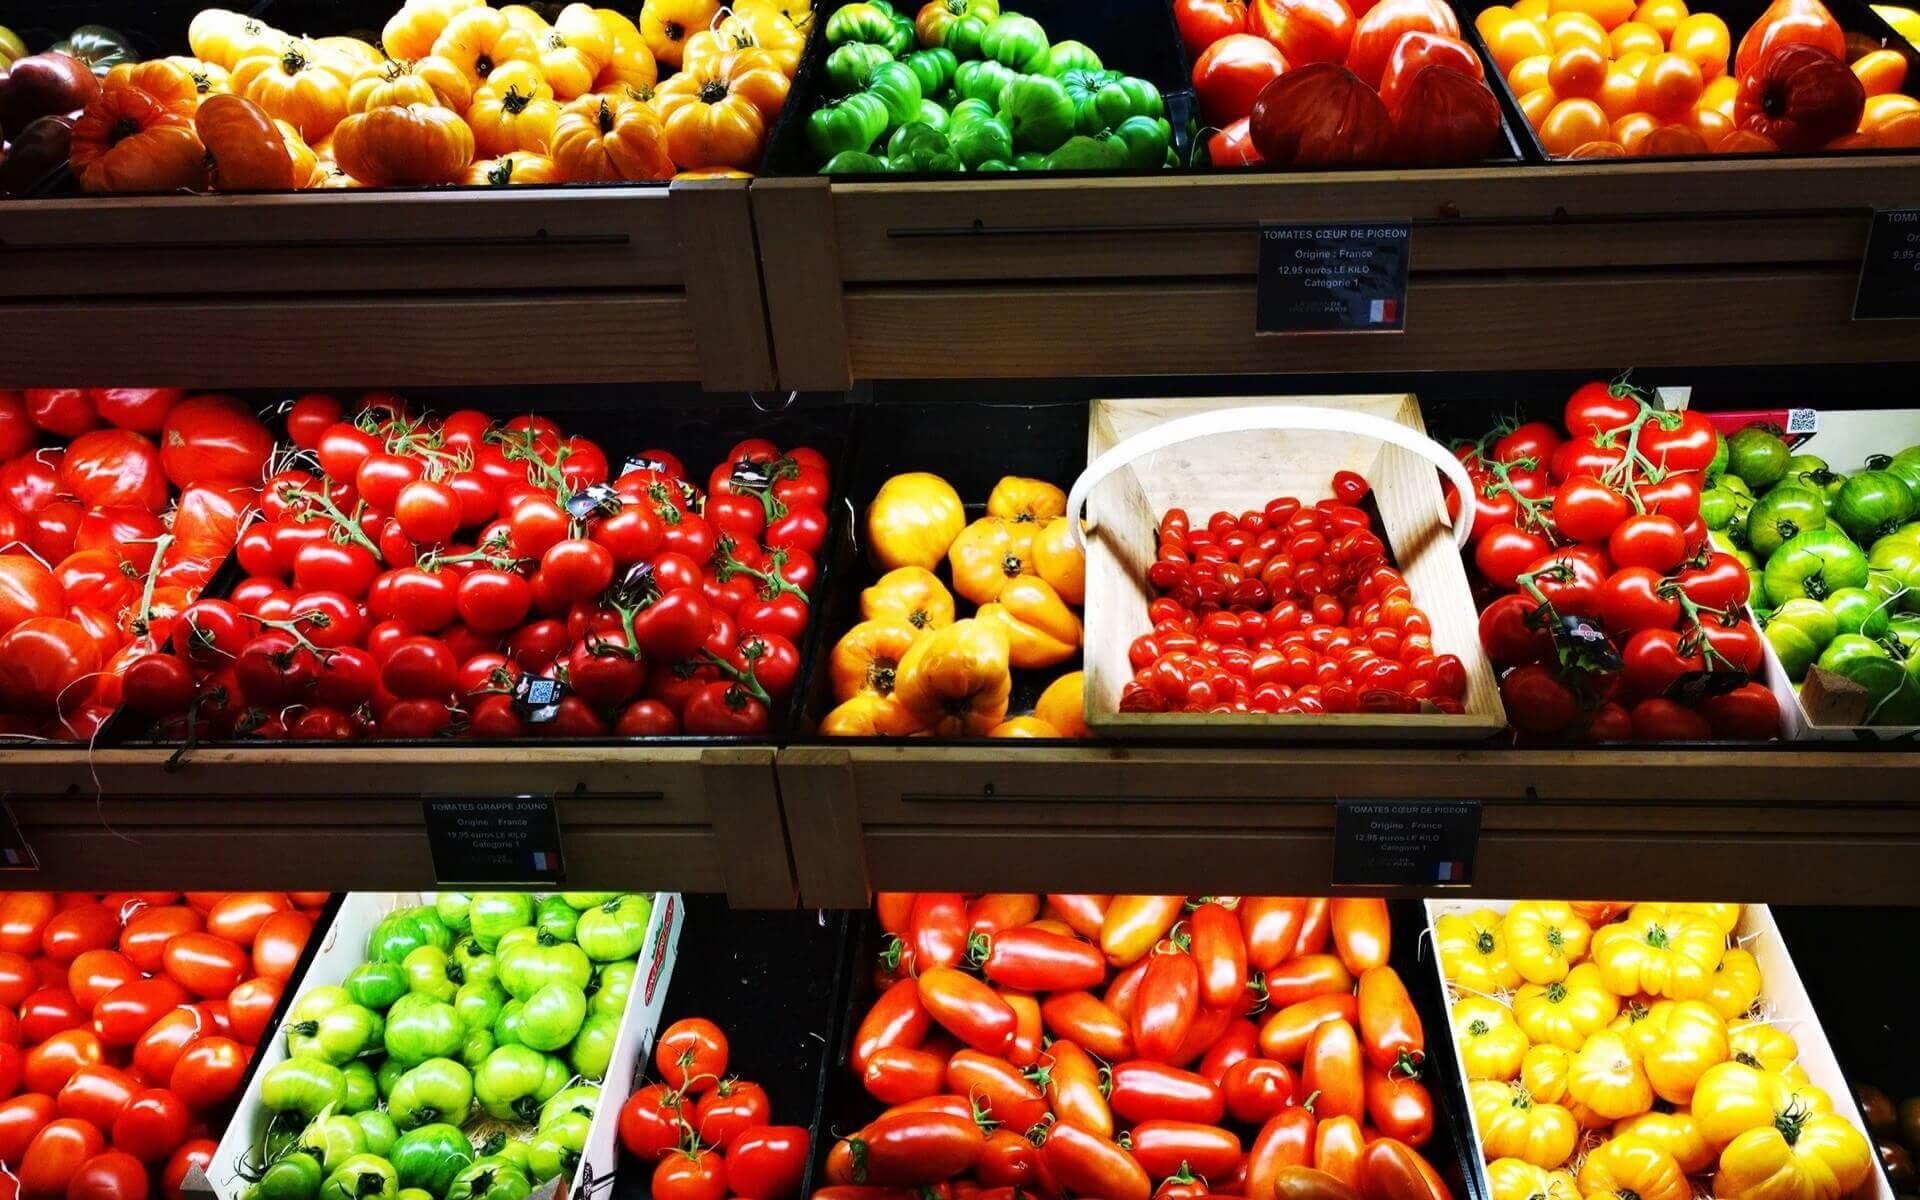 Lebensmittel online bestellen: 5 Anbieter im Vergleich